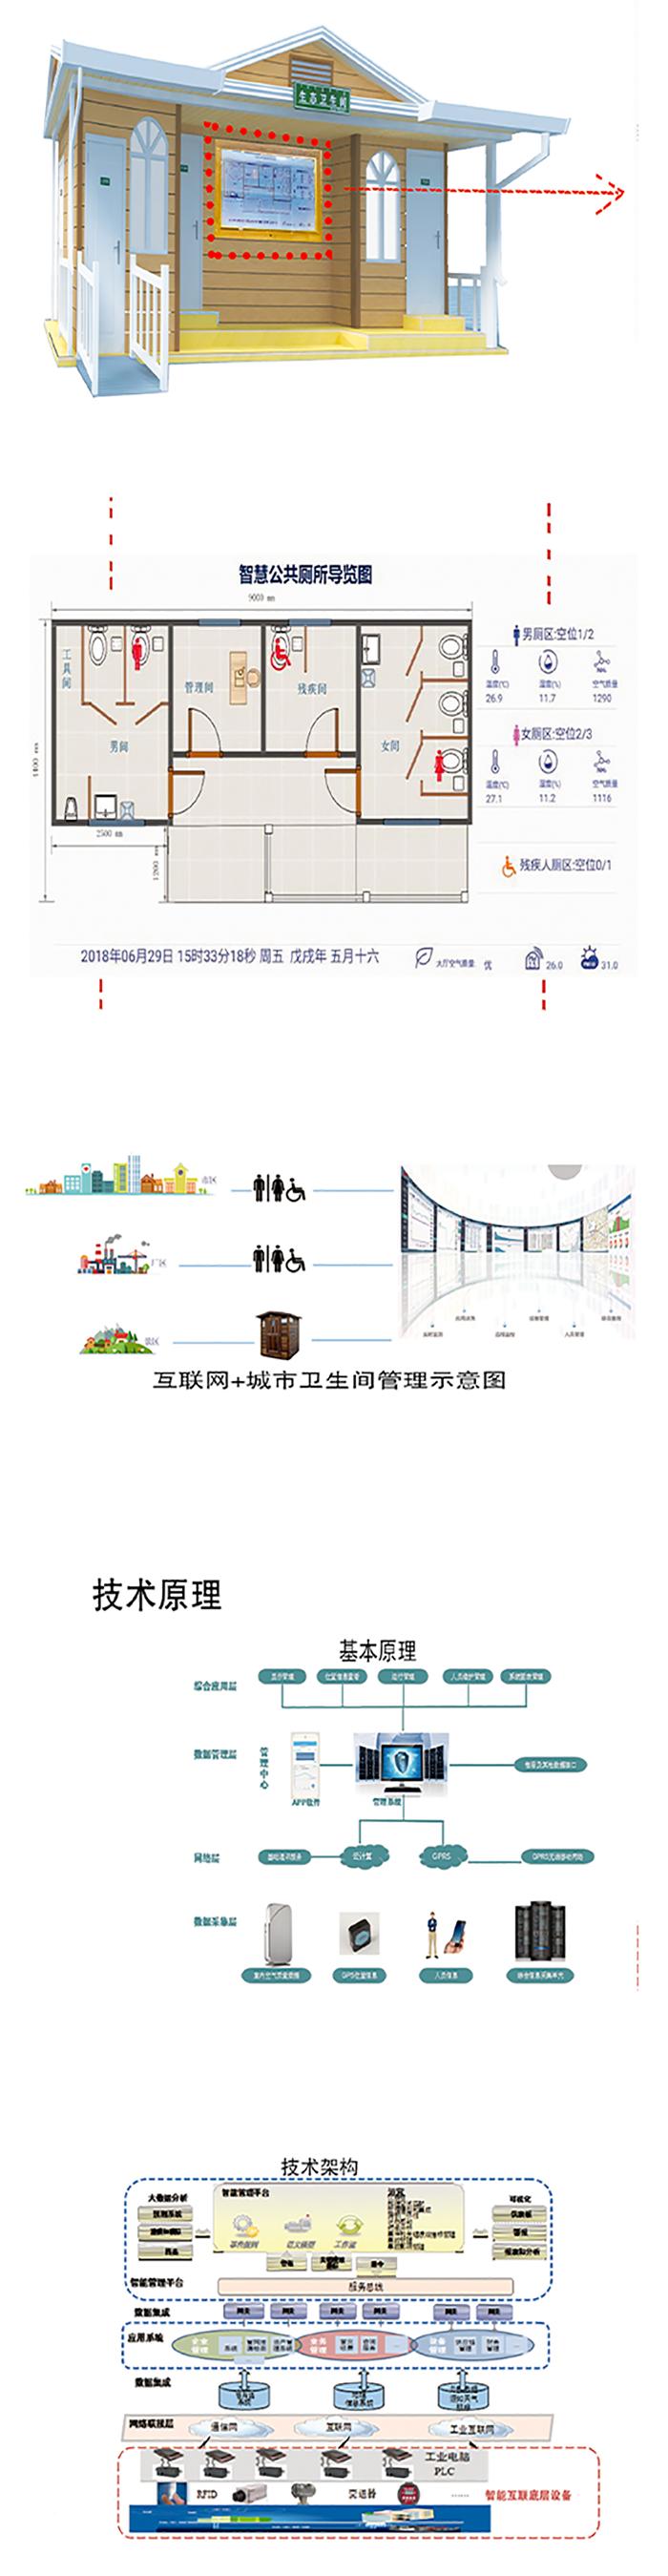 智慧城市综合管理系统